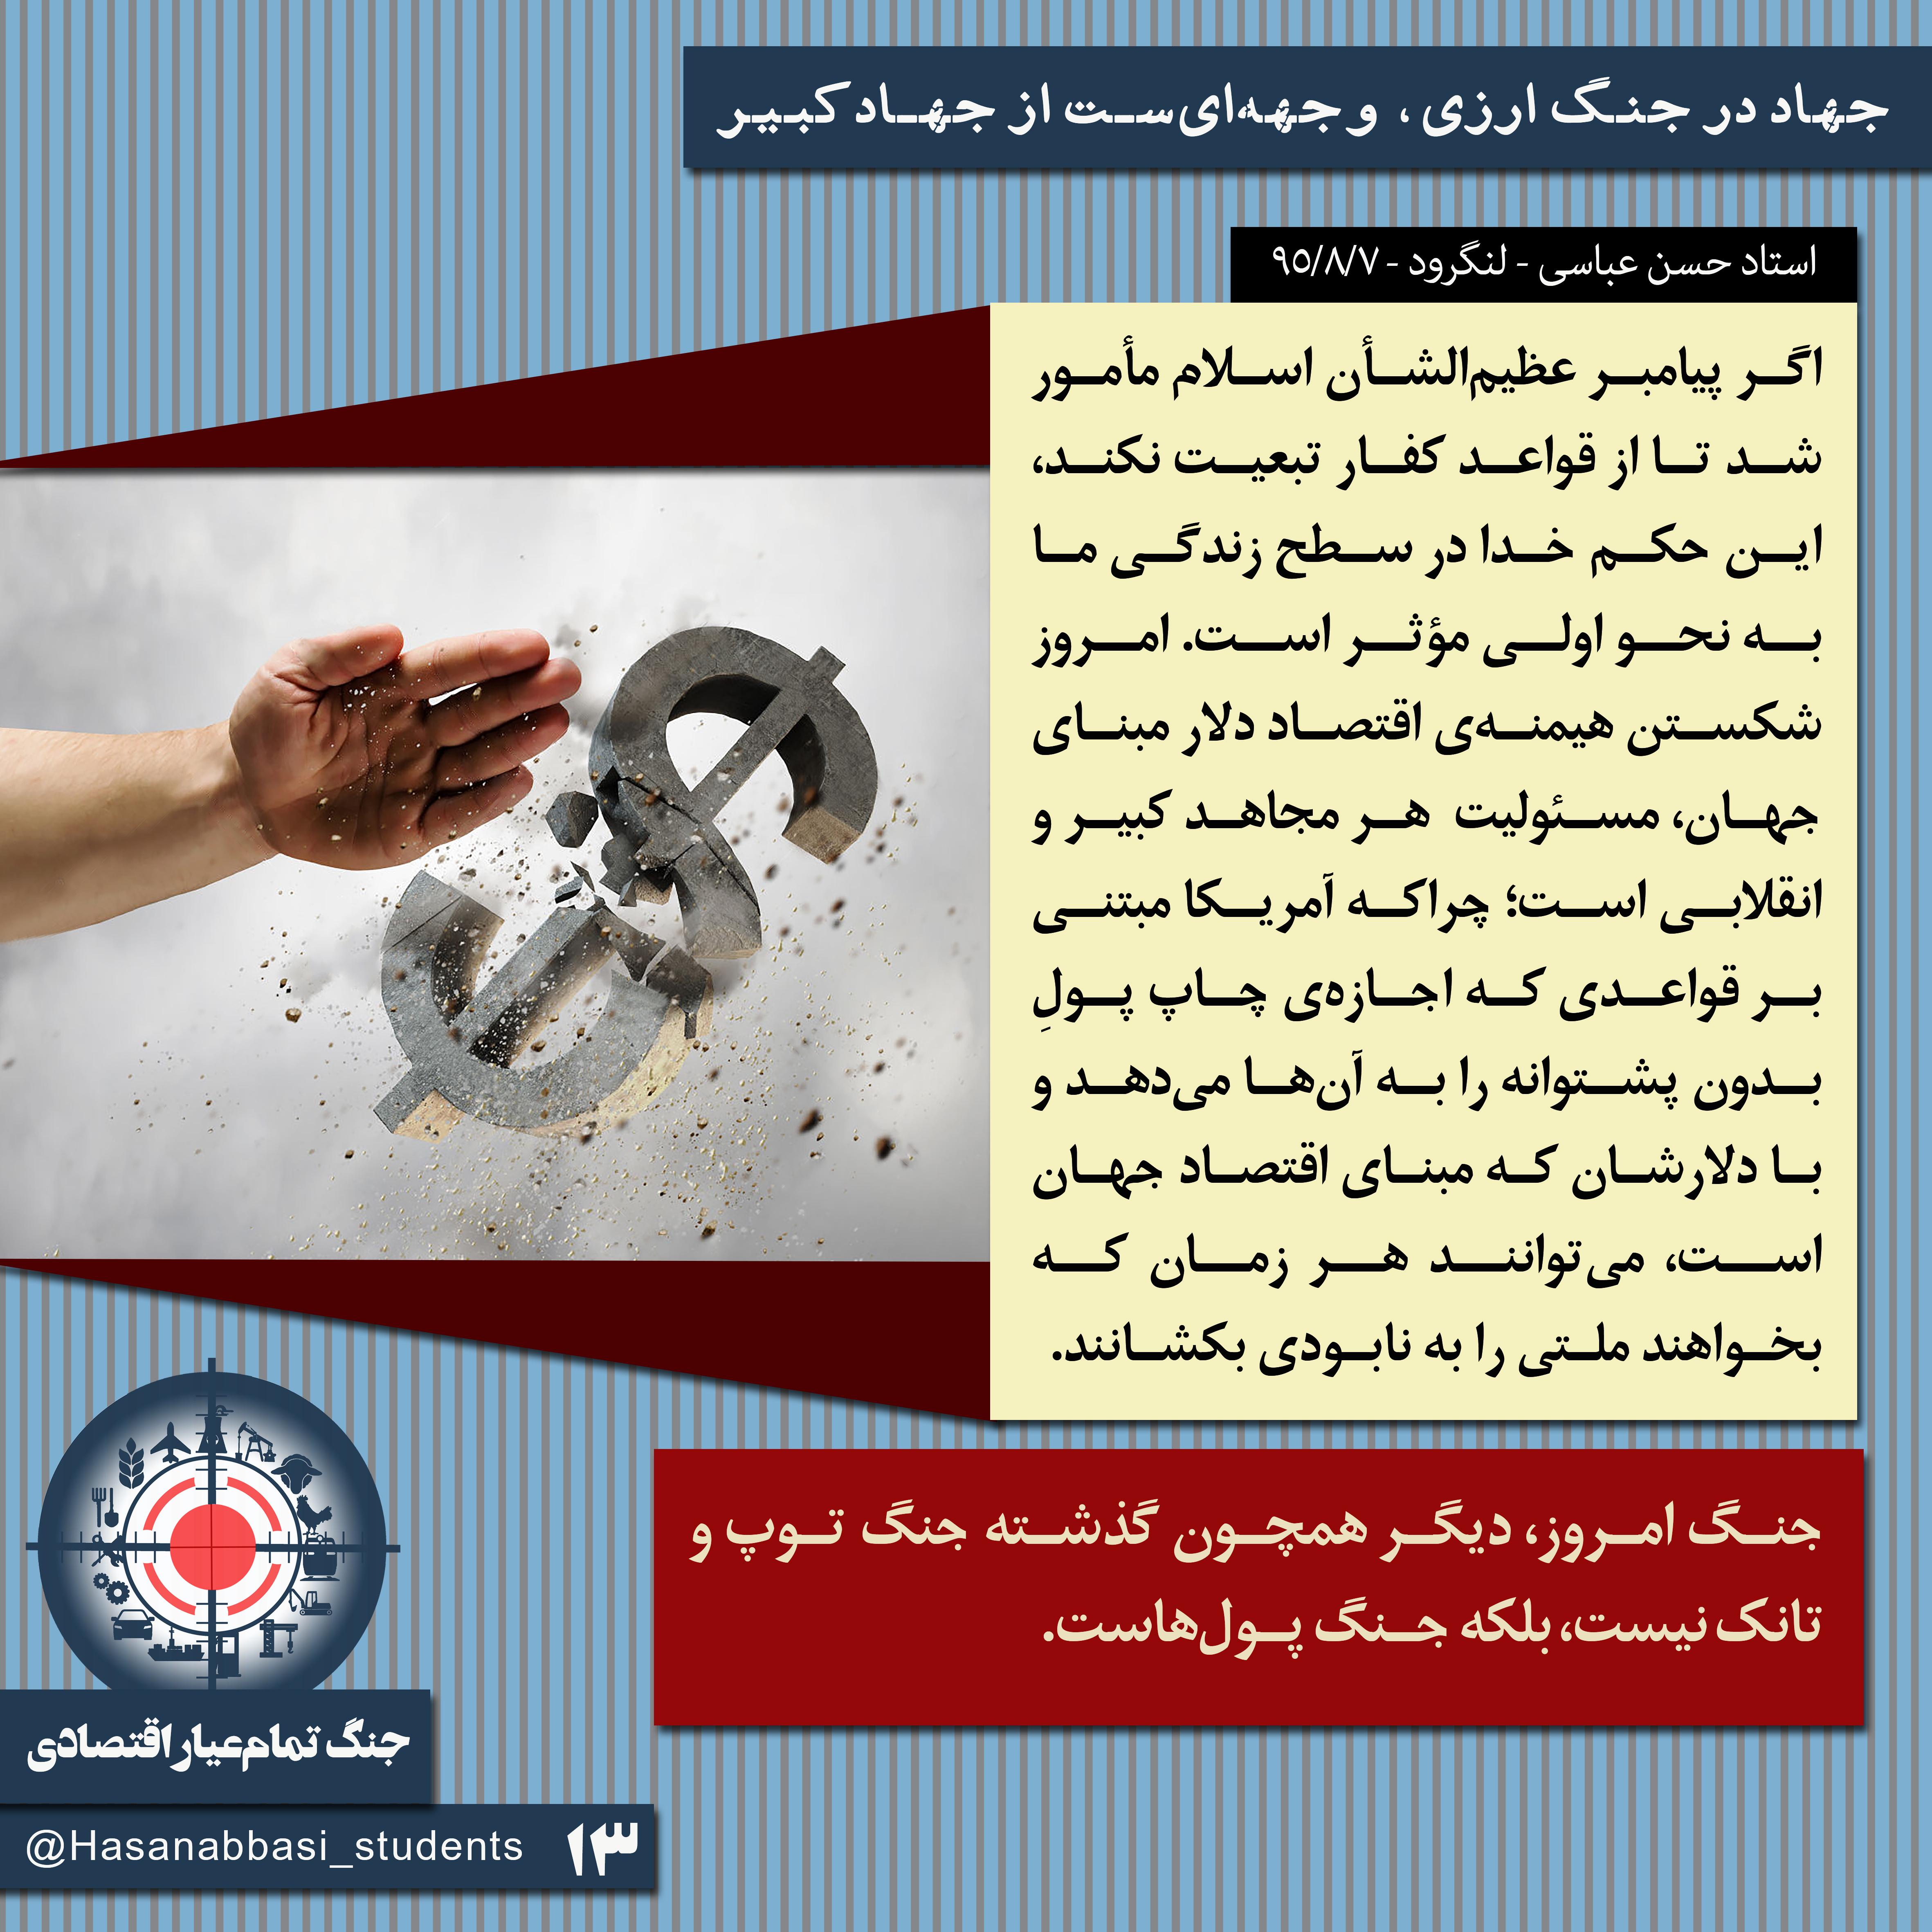 جهاد در جنگ ارزی، وجههایست از جهاد کبیر - جنگ تمام عیار اقتصادی - 13